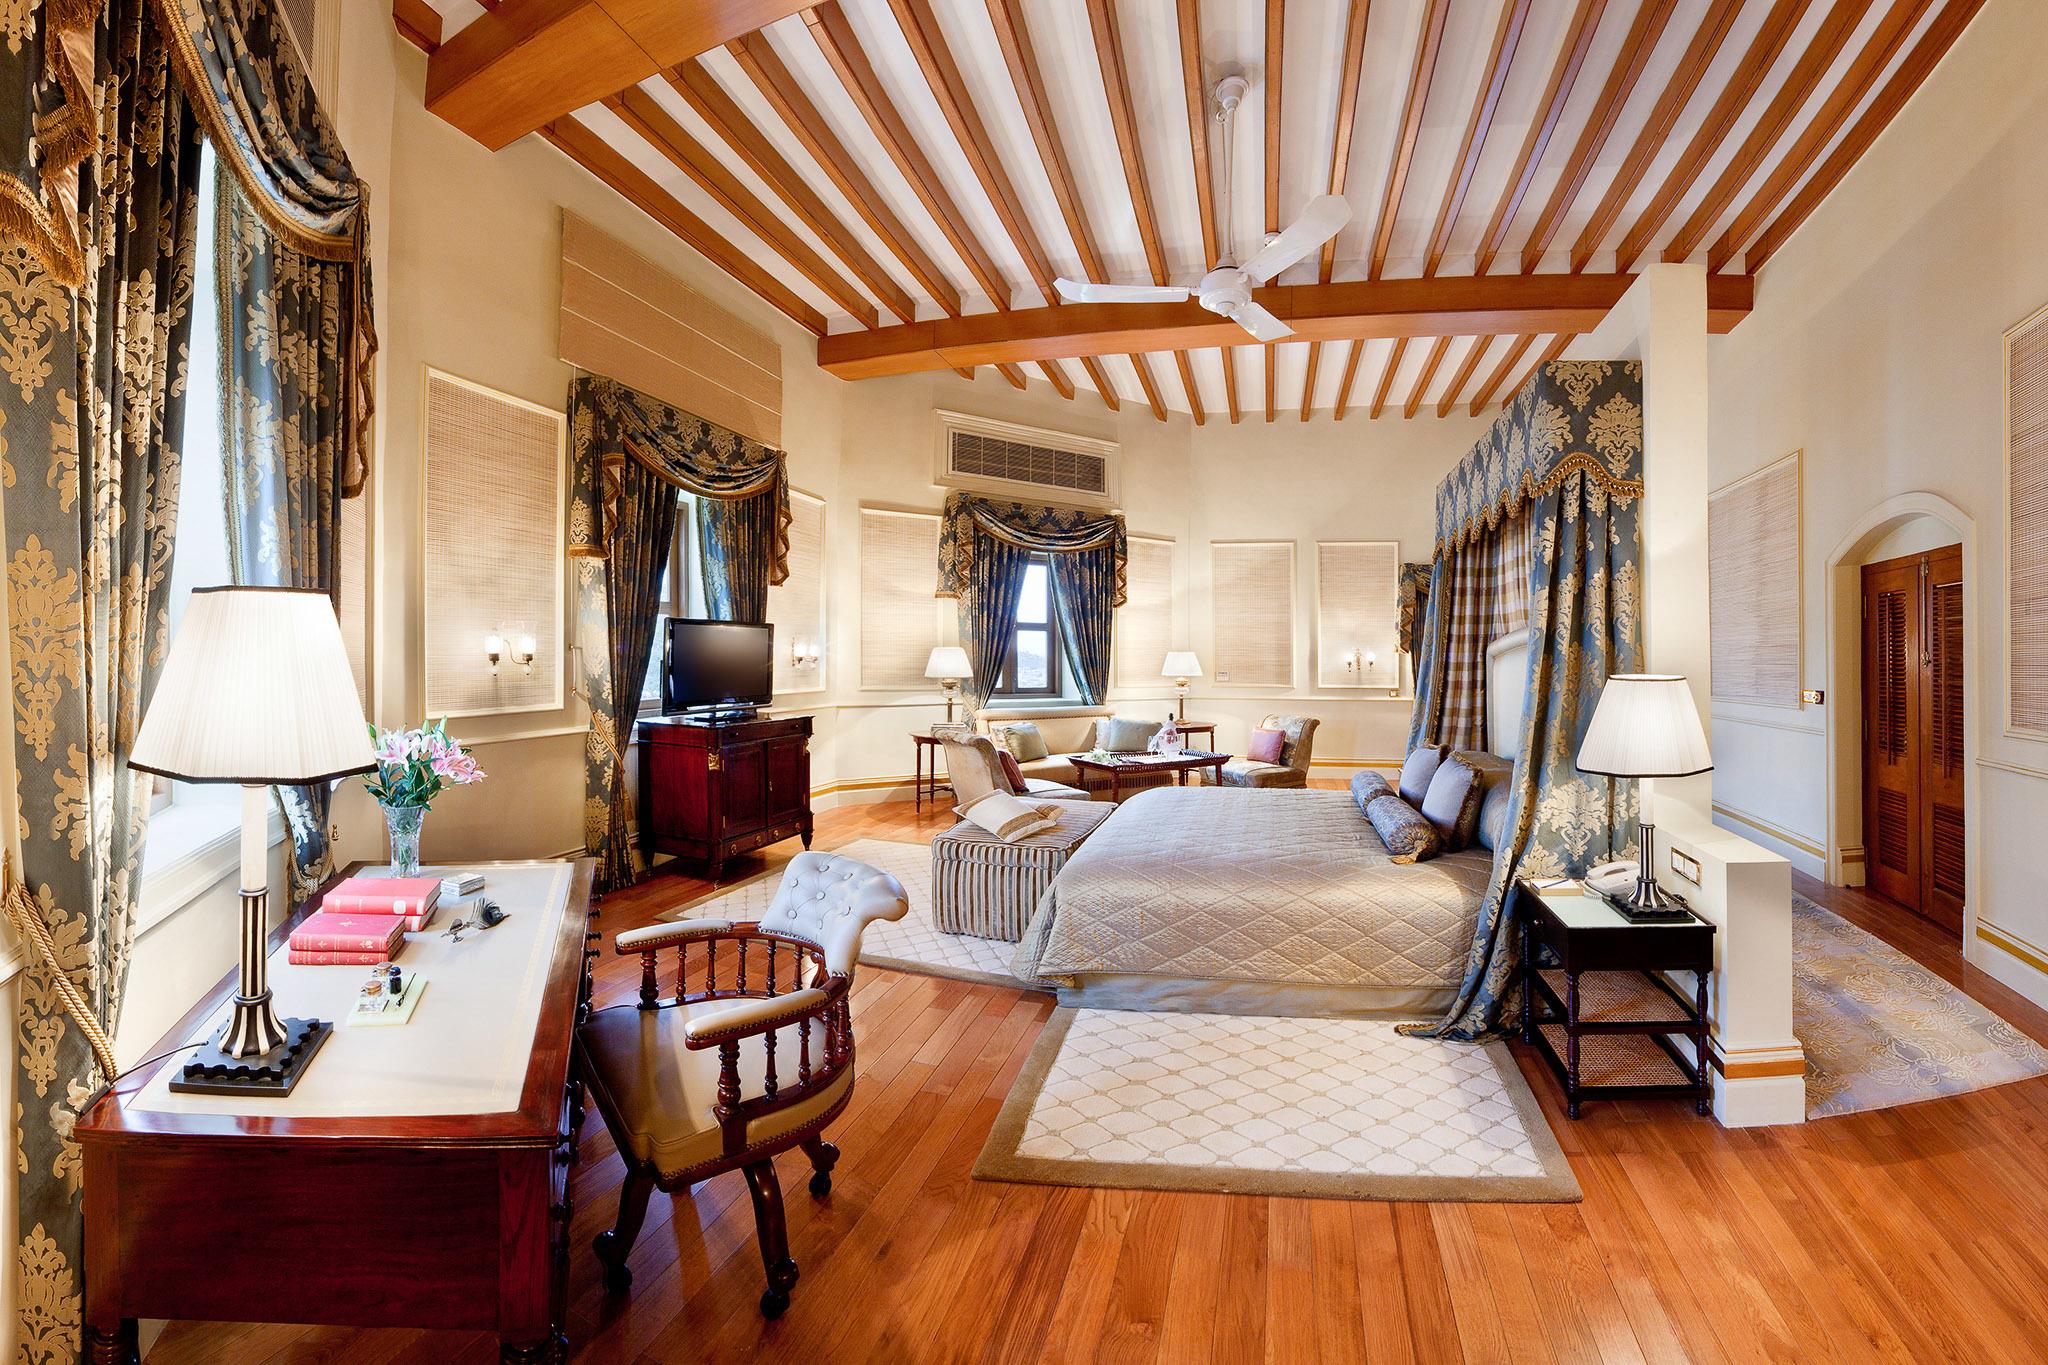 Photo 16 / 19 : Luxury Hotel Taj Falaknuma Palace Luxury